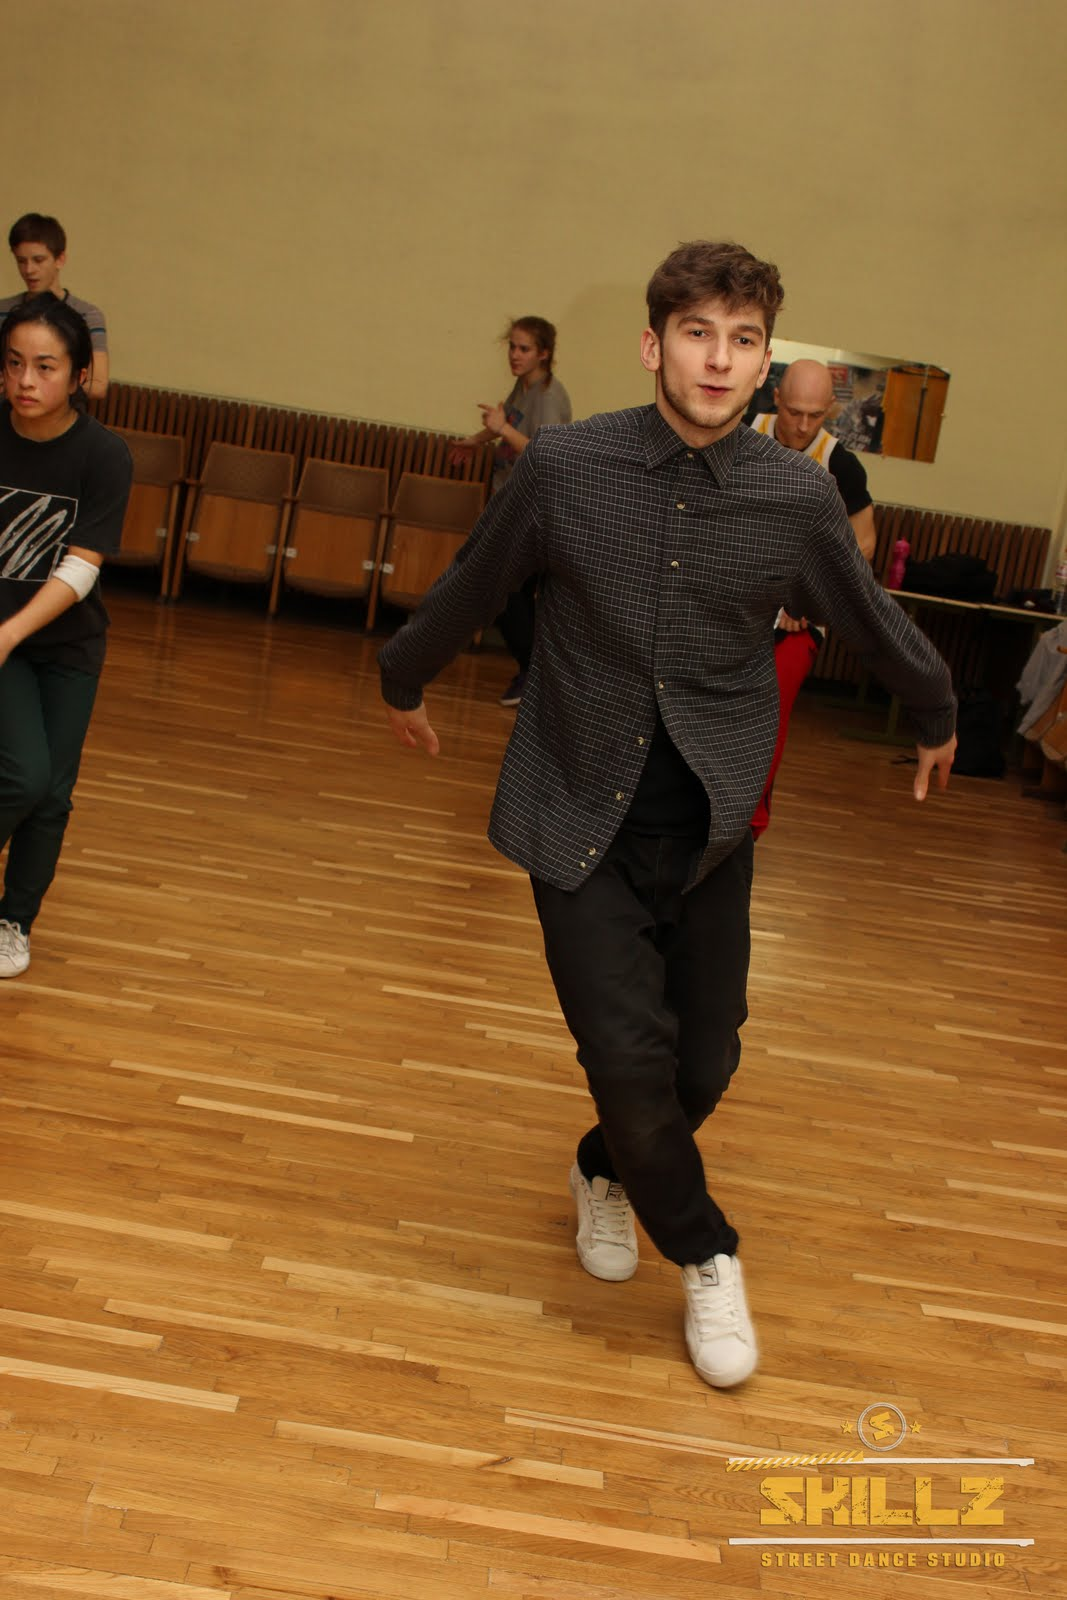 YAN (Russia) Bboying seminaras - IMG_0600.jpg